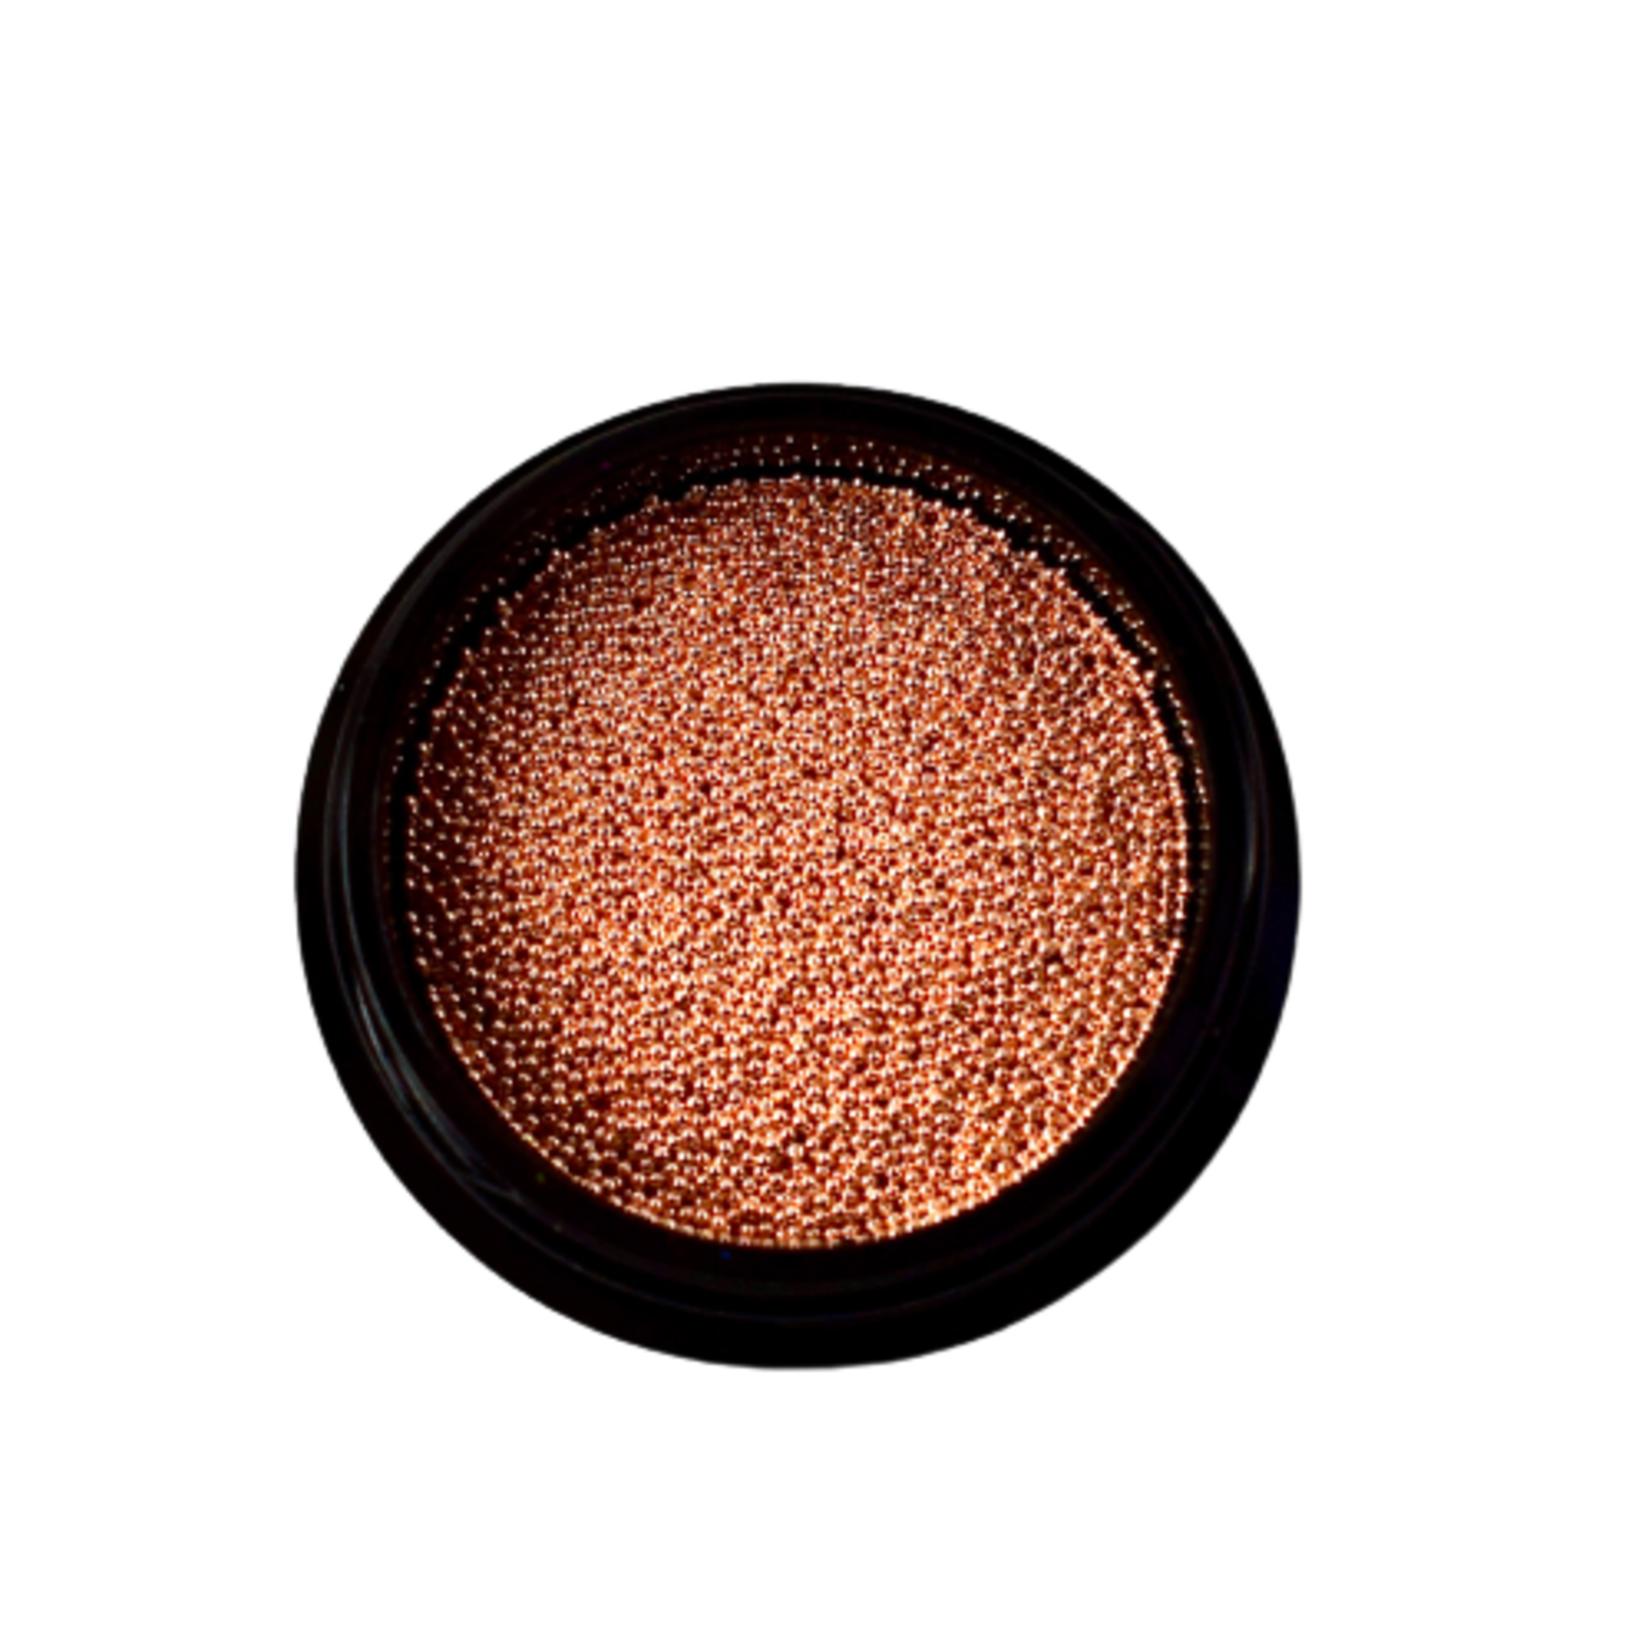 Urban Nails Caviar Beads Rose gold 0.4